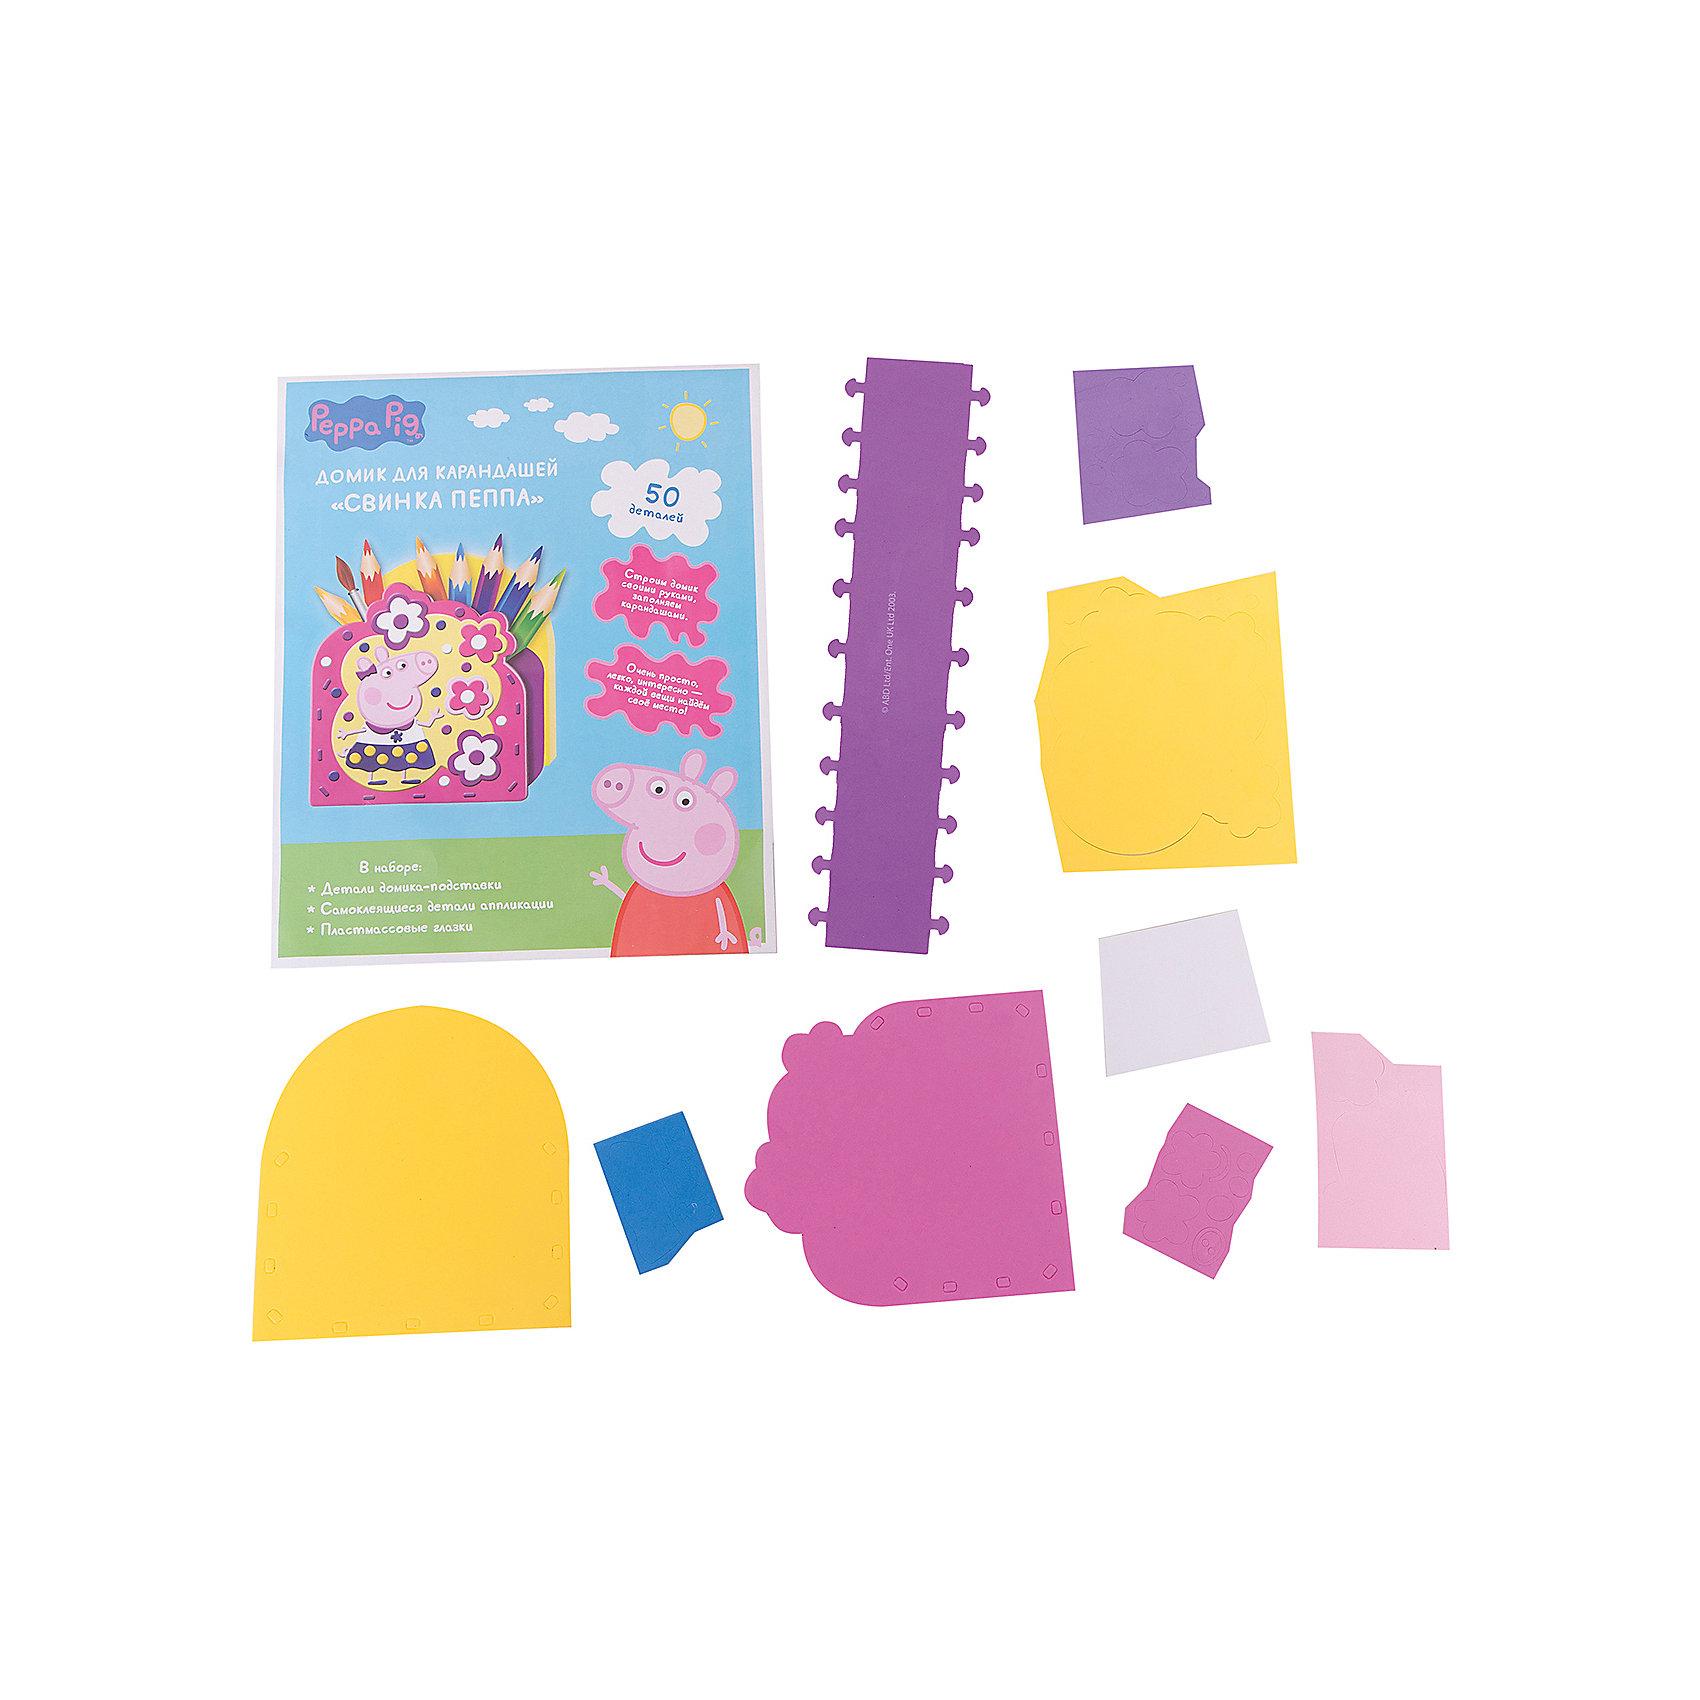 Домик для карандашей Свинка ПеппаСвинка Пеппа<br>Приучите своего ребенка к чистоте и порядку в легкой игровой форме! С этим набором малыш создаст сказочный домик для карандашей - без клея и ножниц! Для этого вставьте боковины в переднюю и заднюю части, закрепите дно. Рассмотрите картинку на упаковке, инструкцию и детали аппликации; определите, какие из них будут в нижнем слое. Снимая с элементов защитный слой, приклеивайте их слоями, и у вас получится очаровательный сказочный домик для карандашей. Во время этой творческой работы позвольте малышу самому выбирать детали, спрашивайте, какого они цвета, большие или маленькие, хвалите кроху. Это полезное занятие развивает у ребенка моторику, координацию мелких движений, восприятие цвета и формы, тактильное восприятие и другое.&#13;<br>В наборе для создания домика для карандашей Свинка Пеппа ТМ Свинка Пеппа 50 деталей: детали домика-подставки, самоклеящиеся детали из мягкого материала ЭВА, пластиковые вращающиеся глазки с клеевым слоем. Товар сертифицирован. Срок годности: 5 лет.<br><br>Ширина мм: 300<br>Глубина мм: 240<br>Высота мм: 8<br>Вес г: 60<br>Возраст от месяцев: 36<br>Возраст до месяцев: 84<br>Пол: Унисекс<br>Возраст: Детский<br>SKU: 5016343